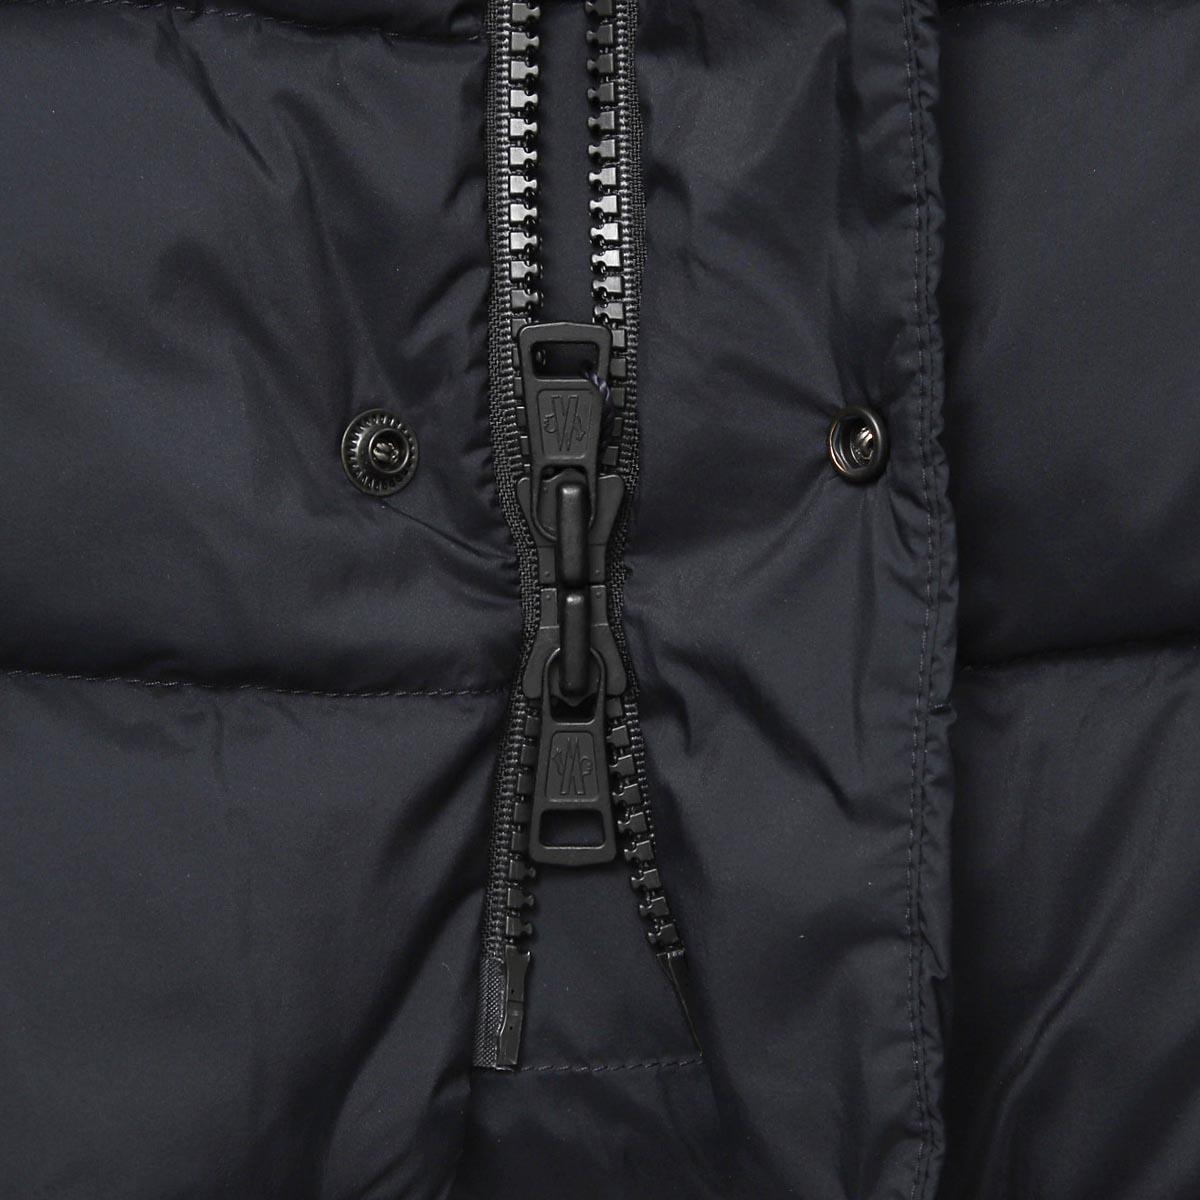 MONCLER モンクレール ダウンジャケット/AUBRAC GIUBBOTTO【大きいサイズあり】 メンズ